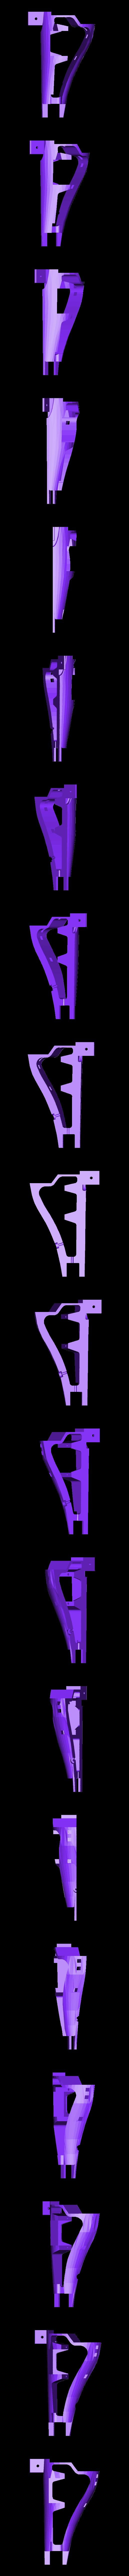 Fuse_main-R_rear.stl Télécharger fichier STL gratuit Planeur modulaire RC Sailplane entièrement imprimé en 3D. • Objet à imprimer en 3D, Georgemacghay